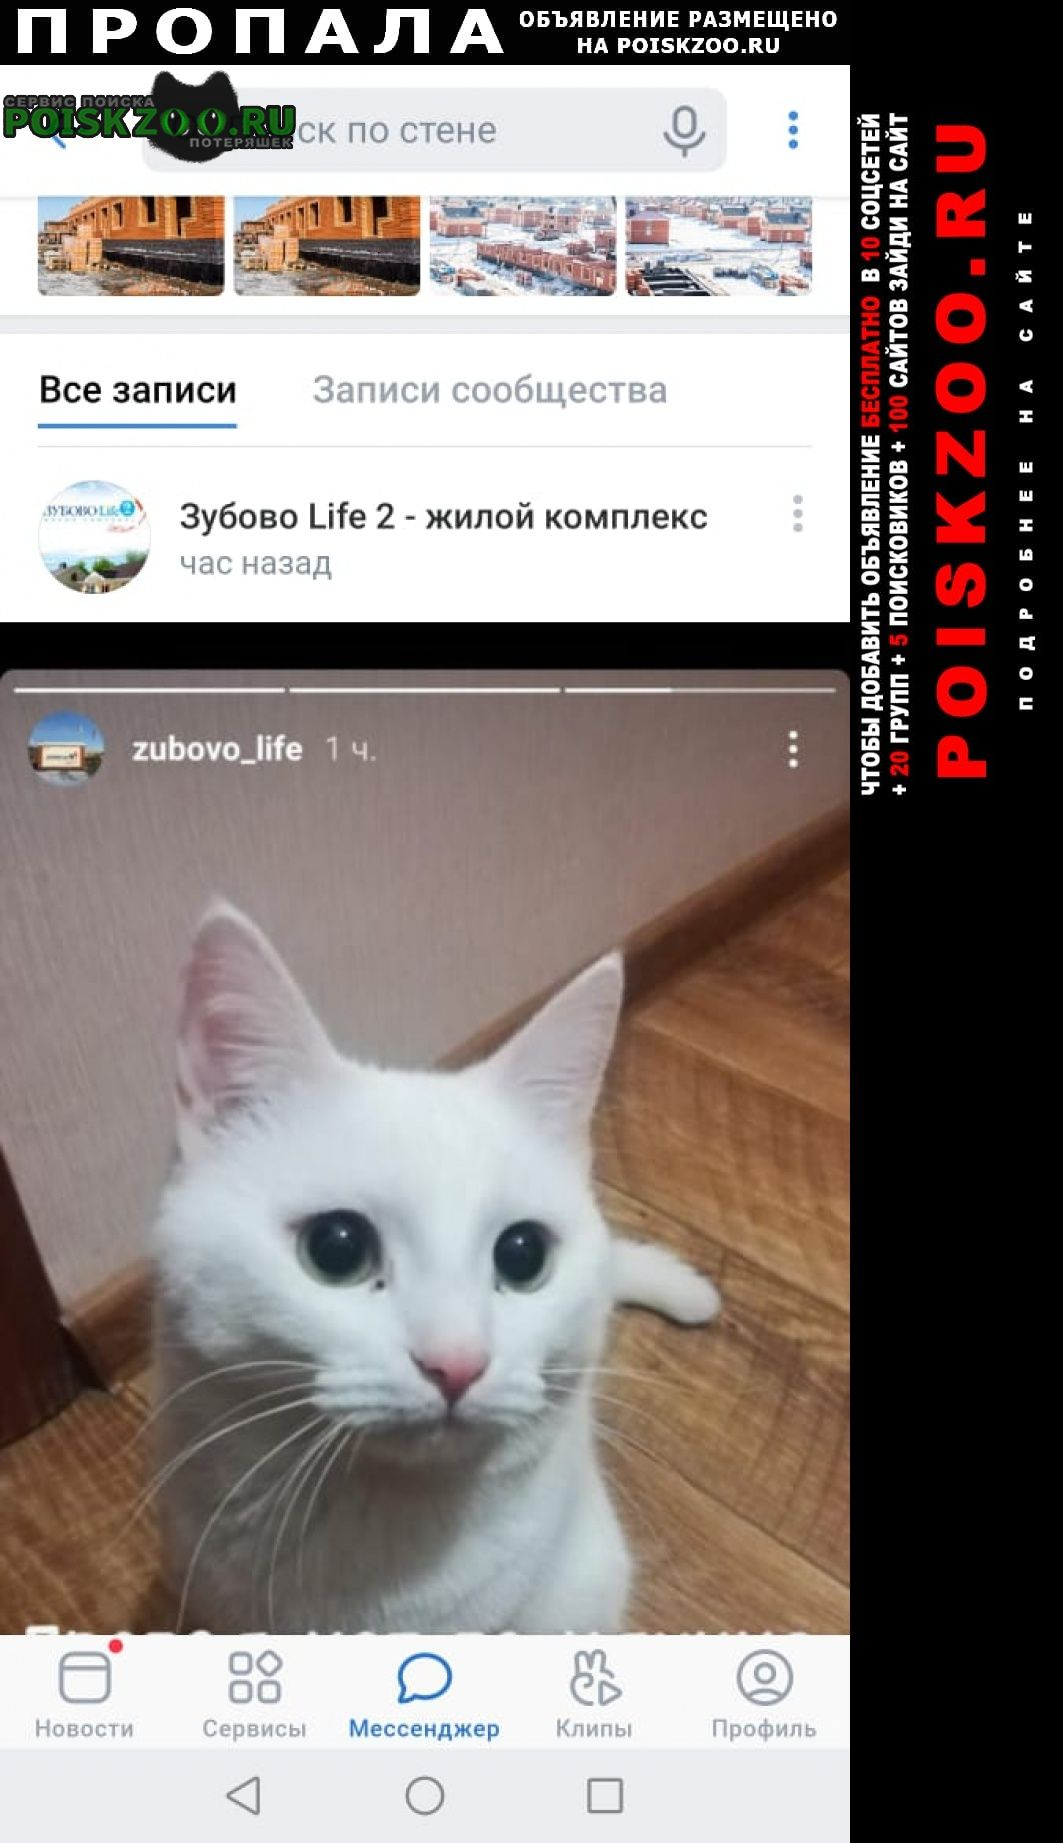 Пропала кошка помогите пожалуйста найти Уфа